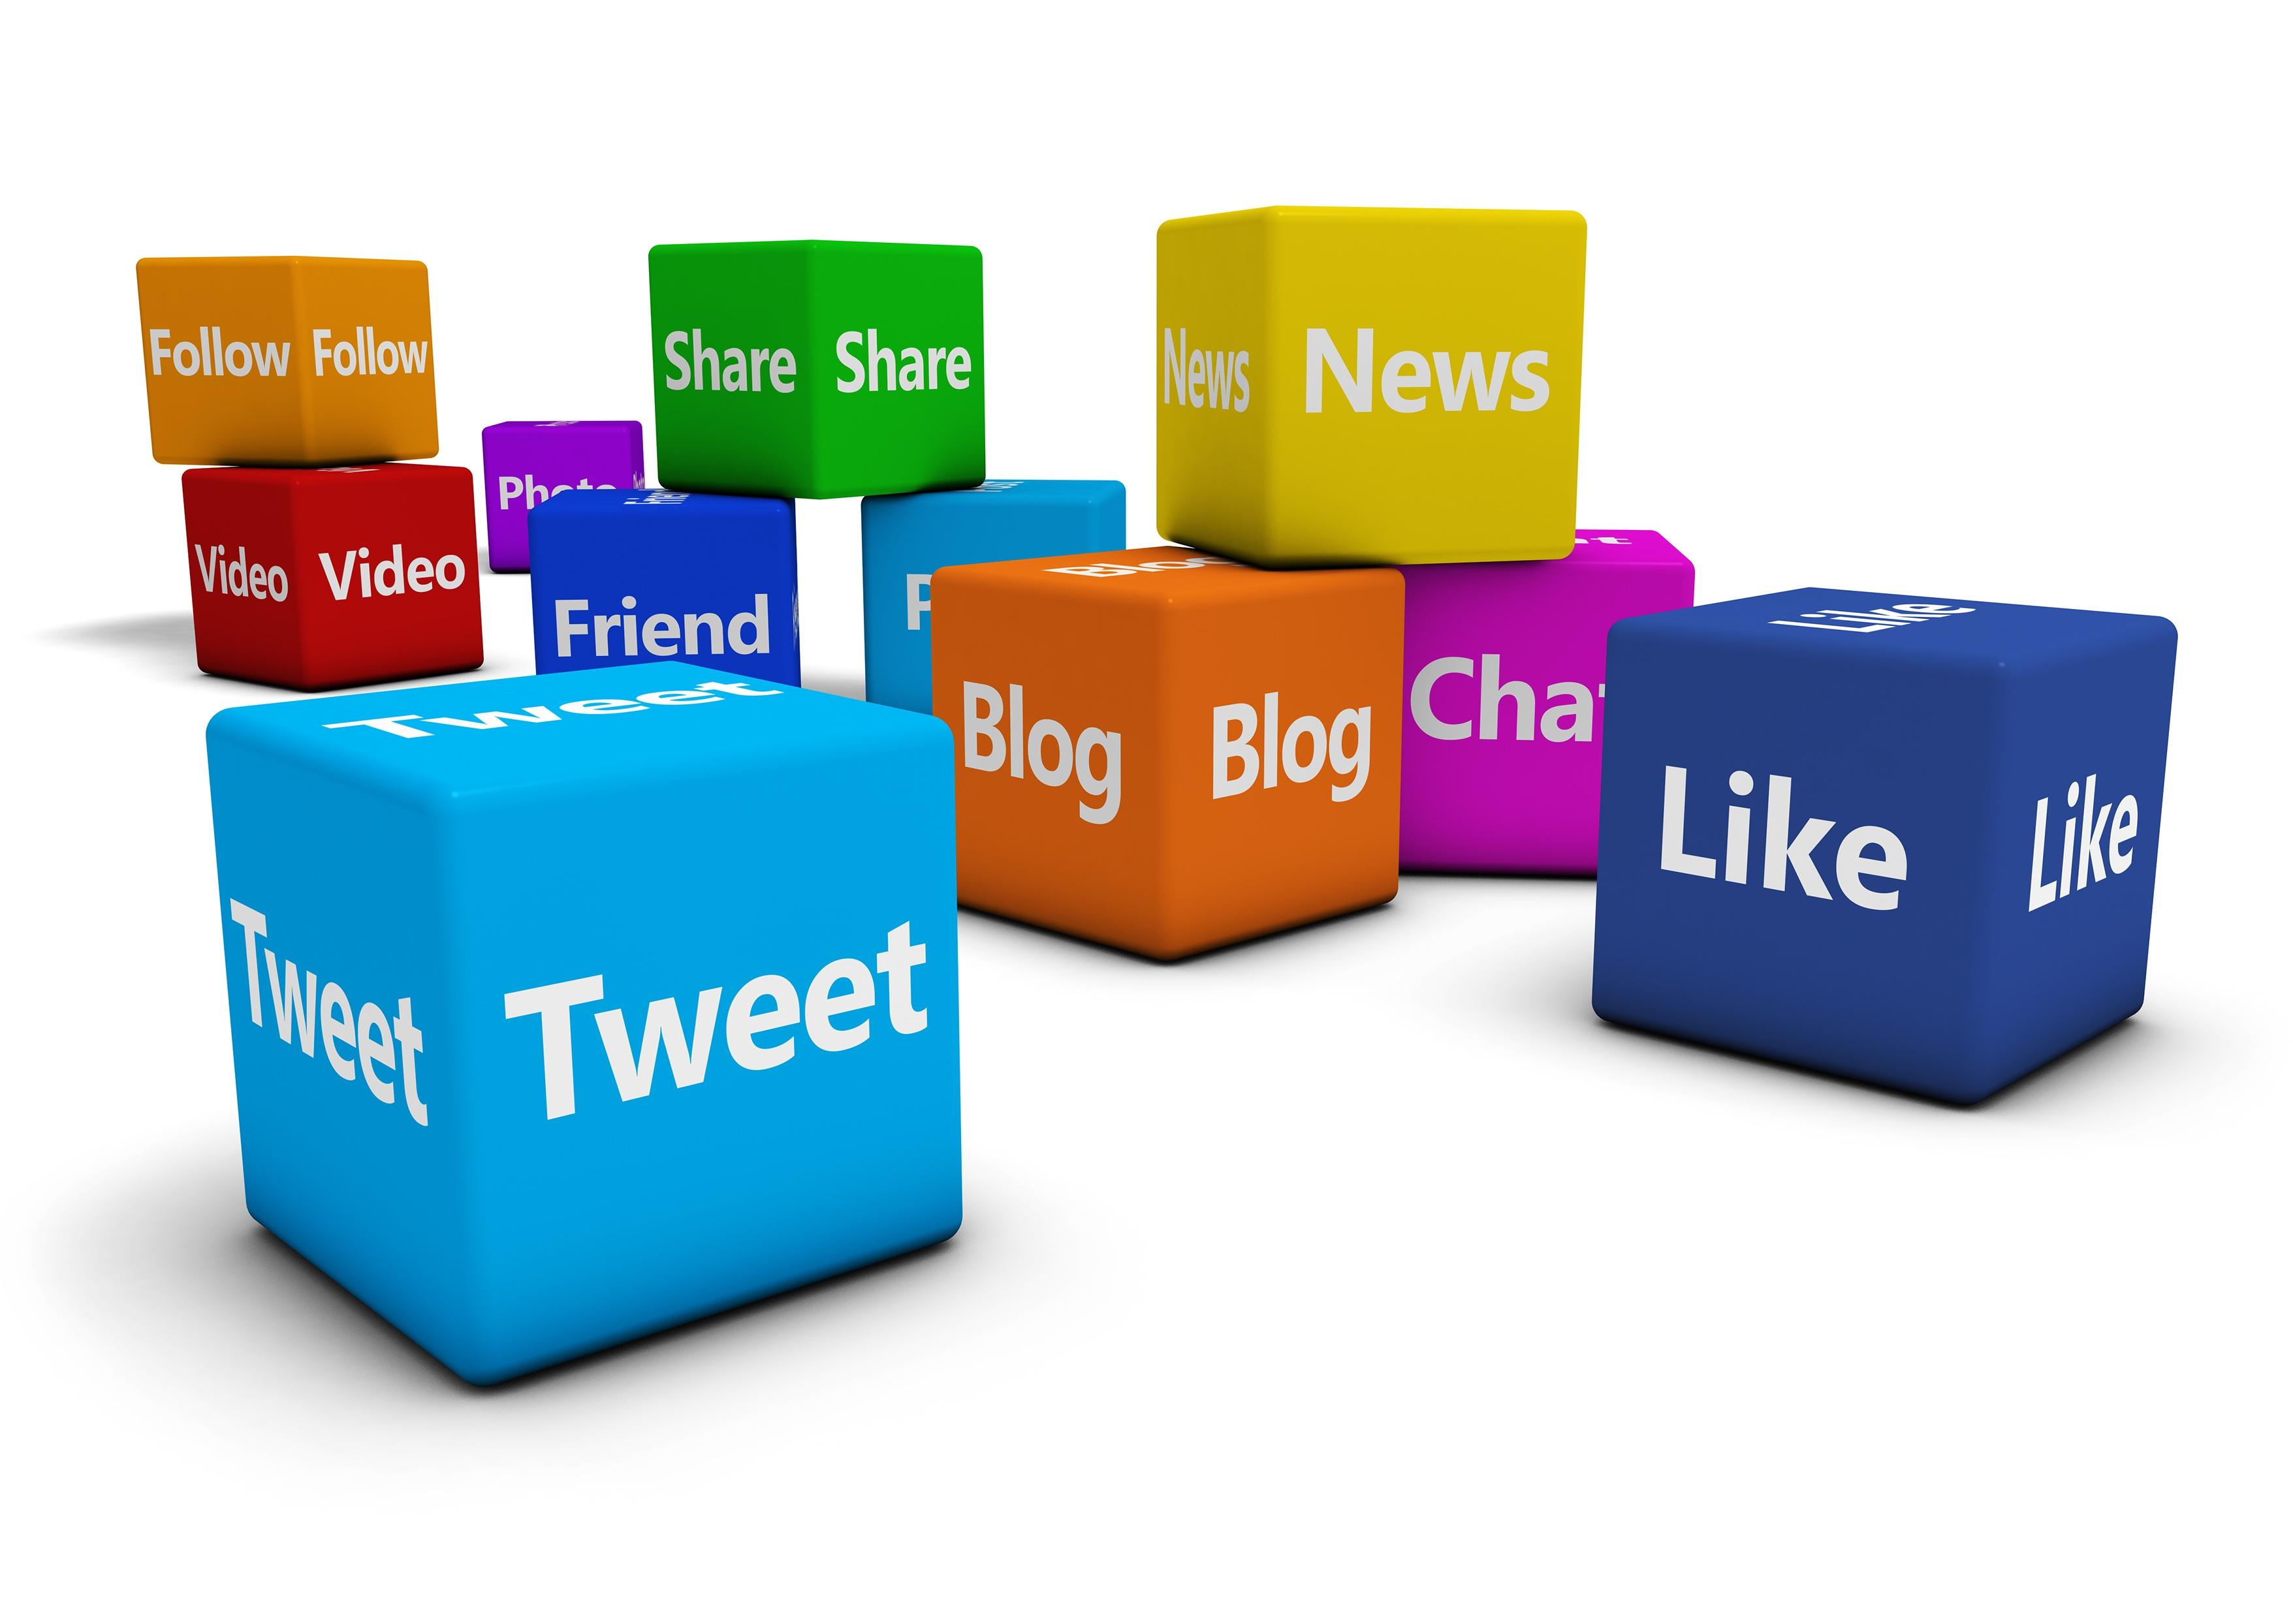 Valoriser votre contenu selon les plateformes utilisées